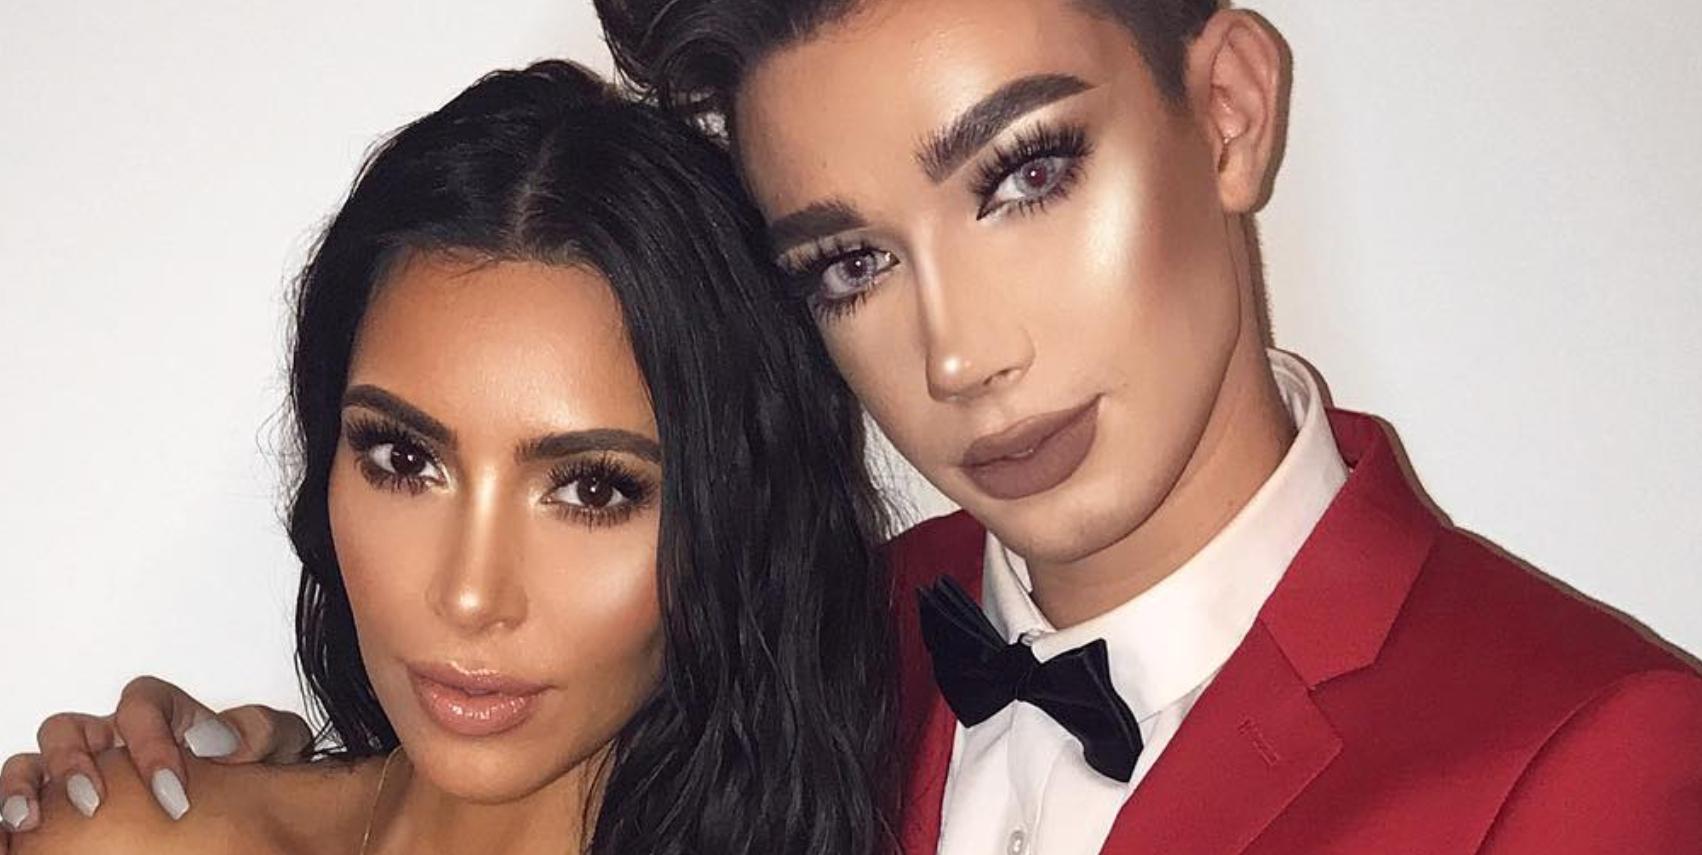 Kim Kardashian recebe crítica por só contratar mulheres para campanha de maquiagem